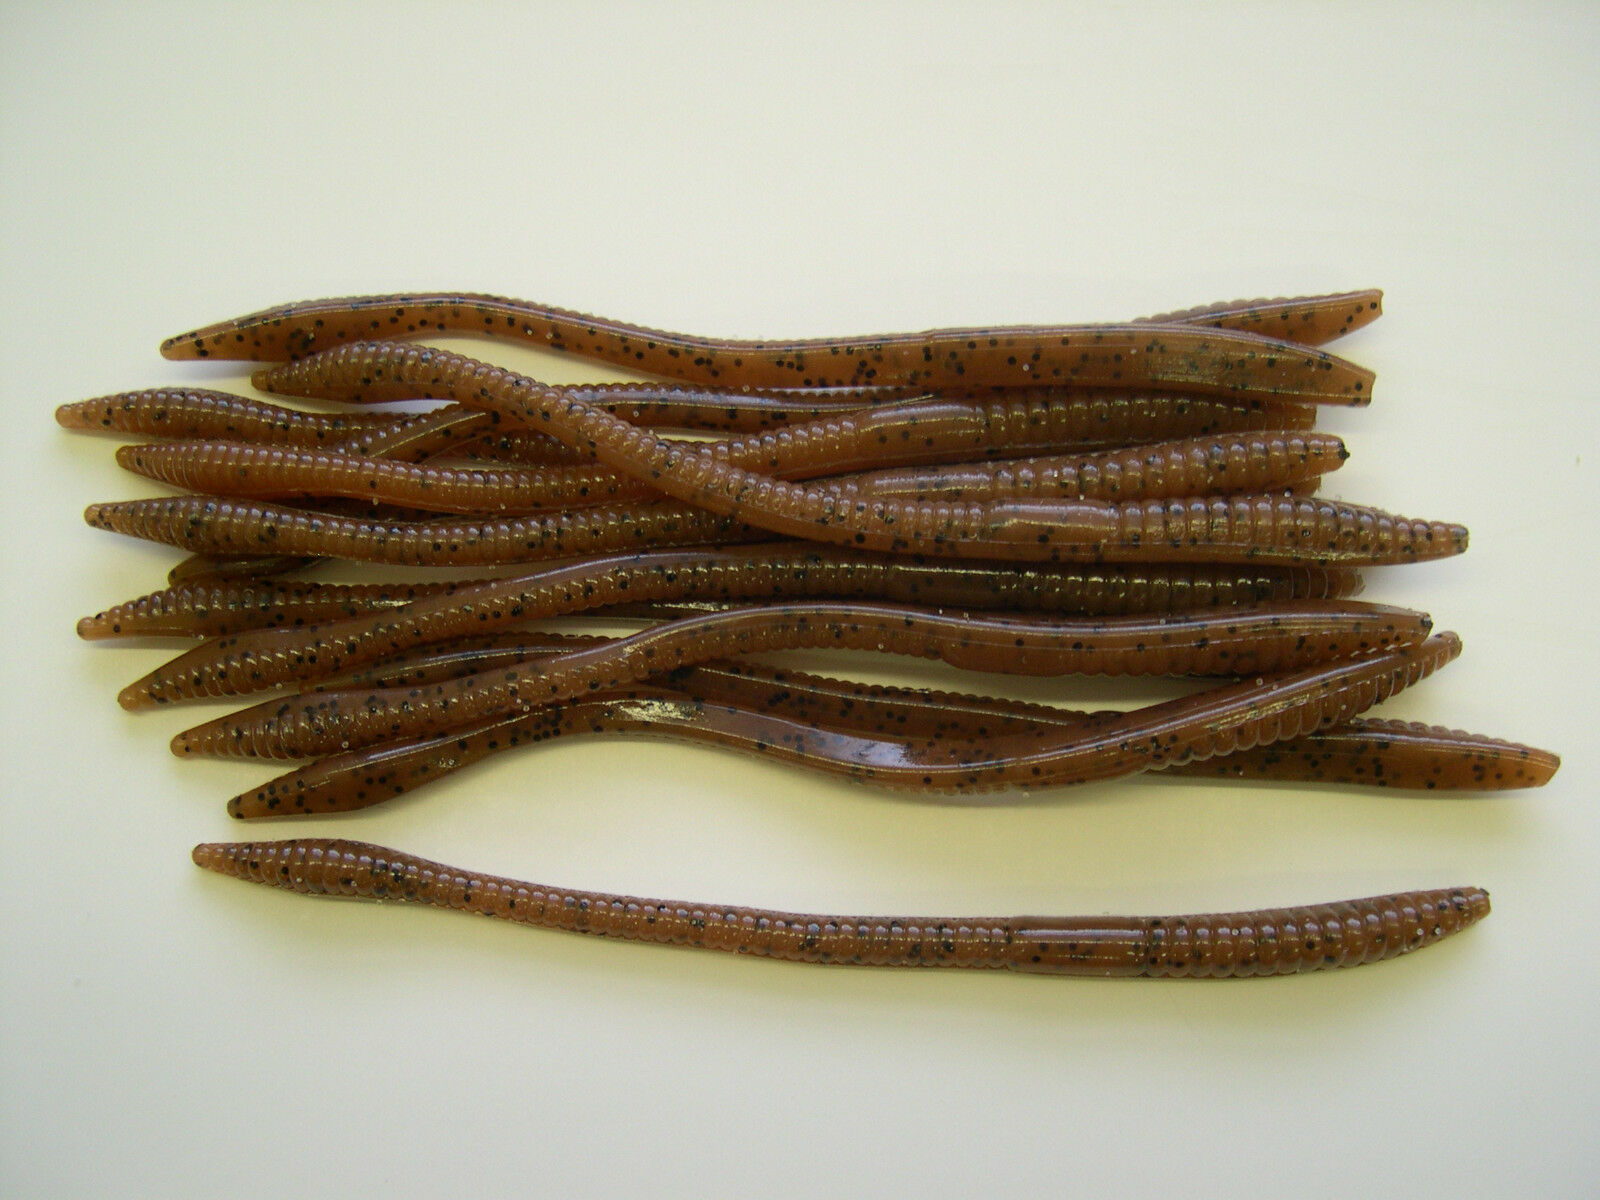 100 pk - 6  Finesse Worms - Pumpkinseed - SALT & SCENT - Bulk Lot - Bass Lures